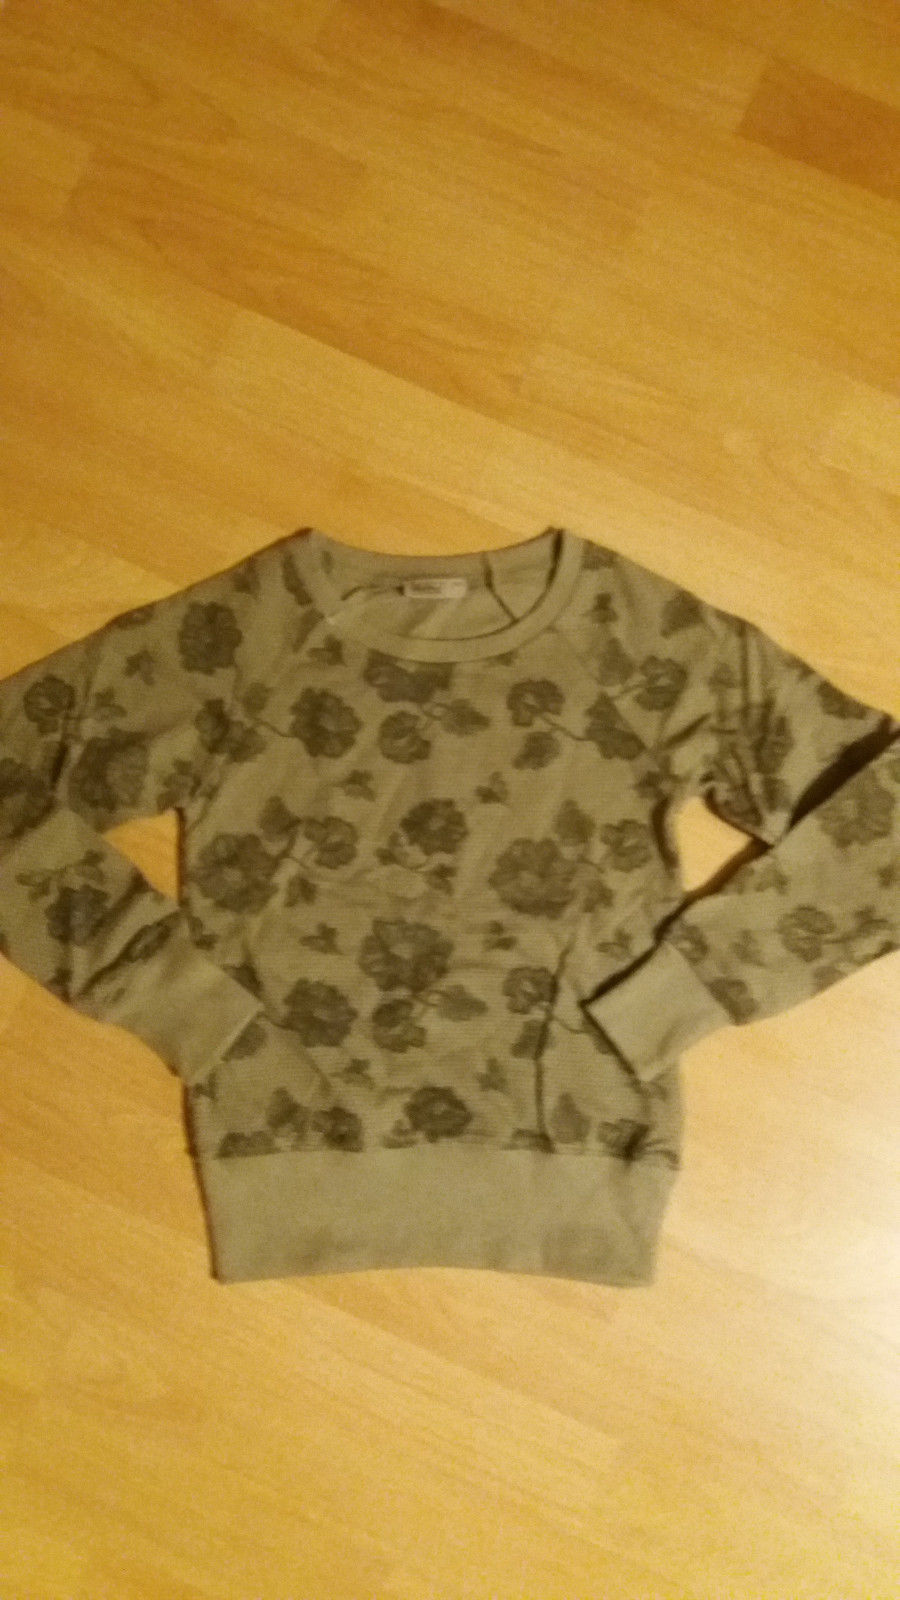 Mädchen Pullover mit Blumenmotiv in Khaki verschiedene Größen  Neu